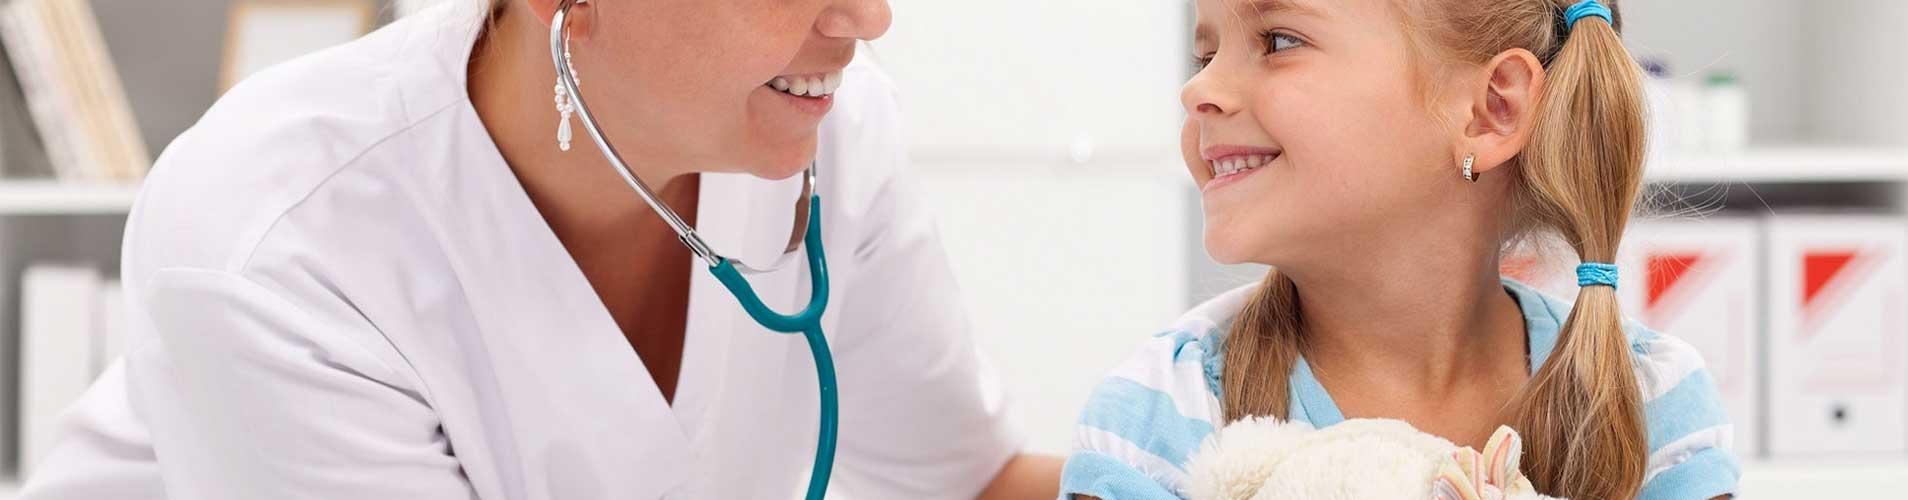 PneumoCenter - Centro de Estudo e Tratamento da Tosse - 2 | WSI Marketing Digital